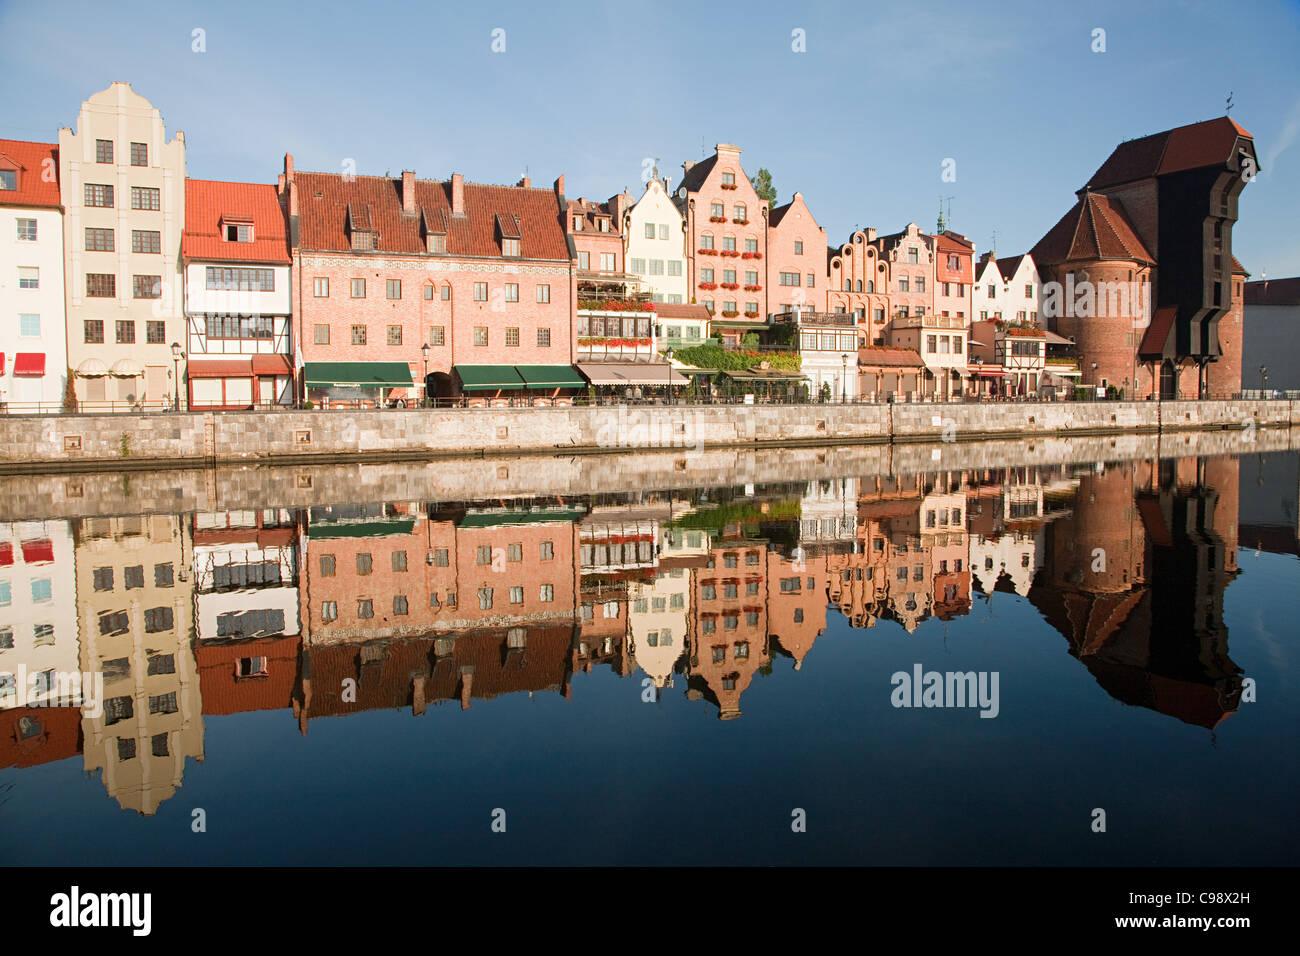 Los edificios se reflejan en el agua, Gdansk, Polonia Imagen De Stock